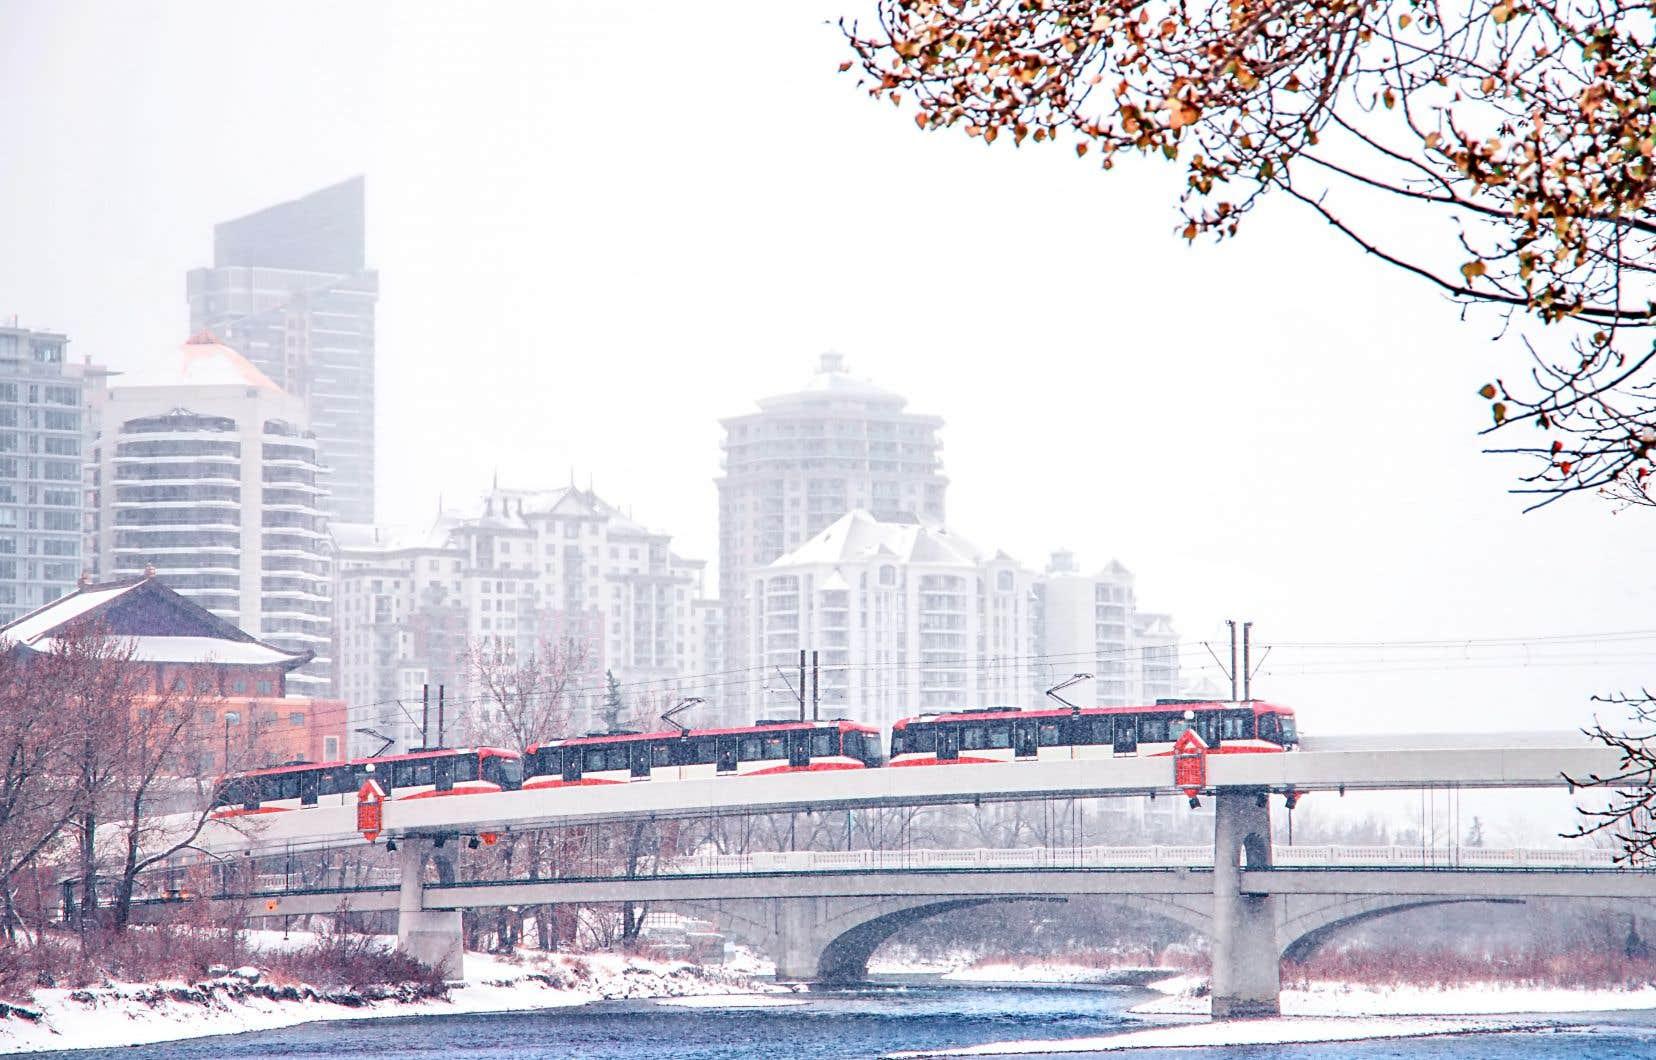 La transition énergétique est au cœur du dernier plan de développement durable du gouvernement du Québec rendu public cet automne et qui mise plus que jamais sur l'électrification des transports.